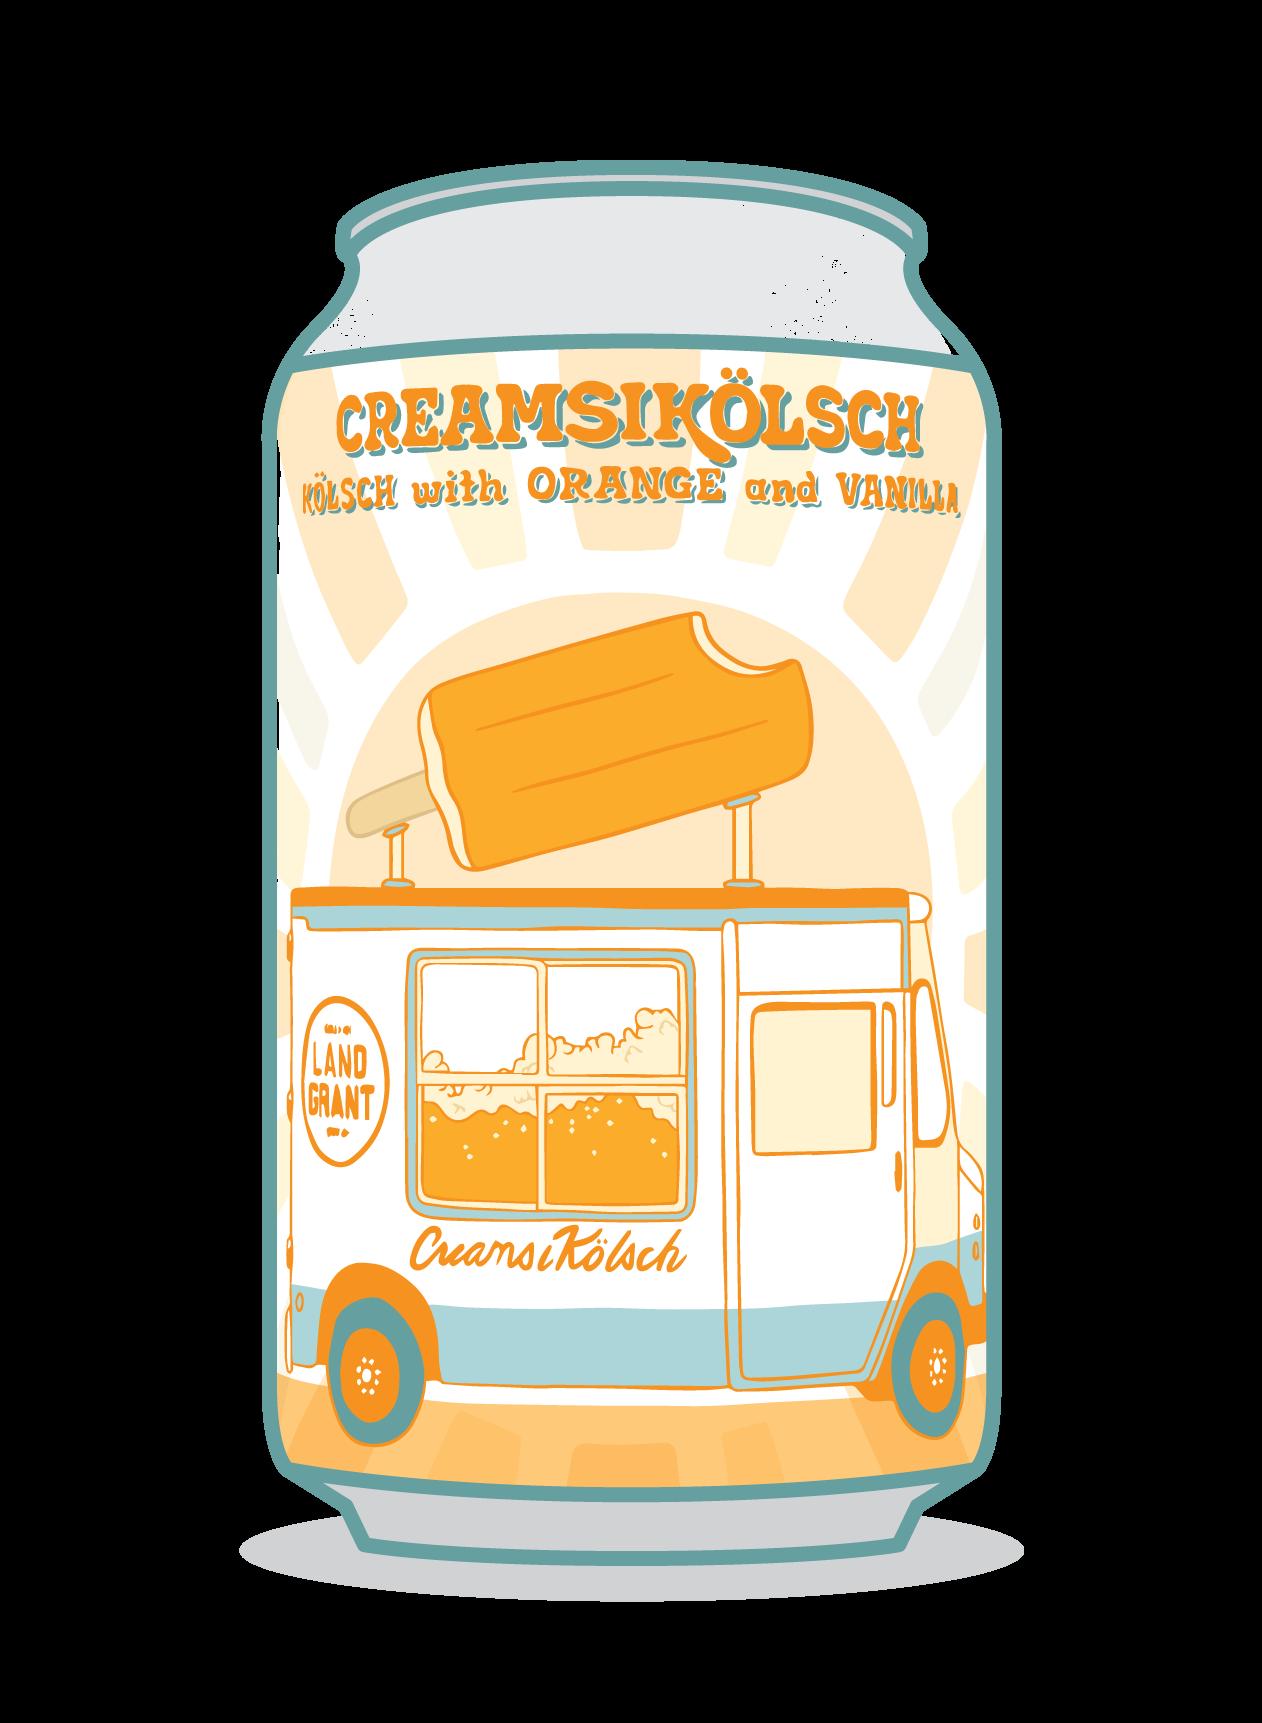 Creamsikolsch Image